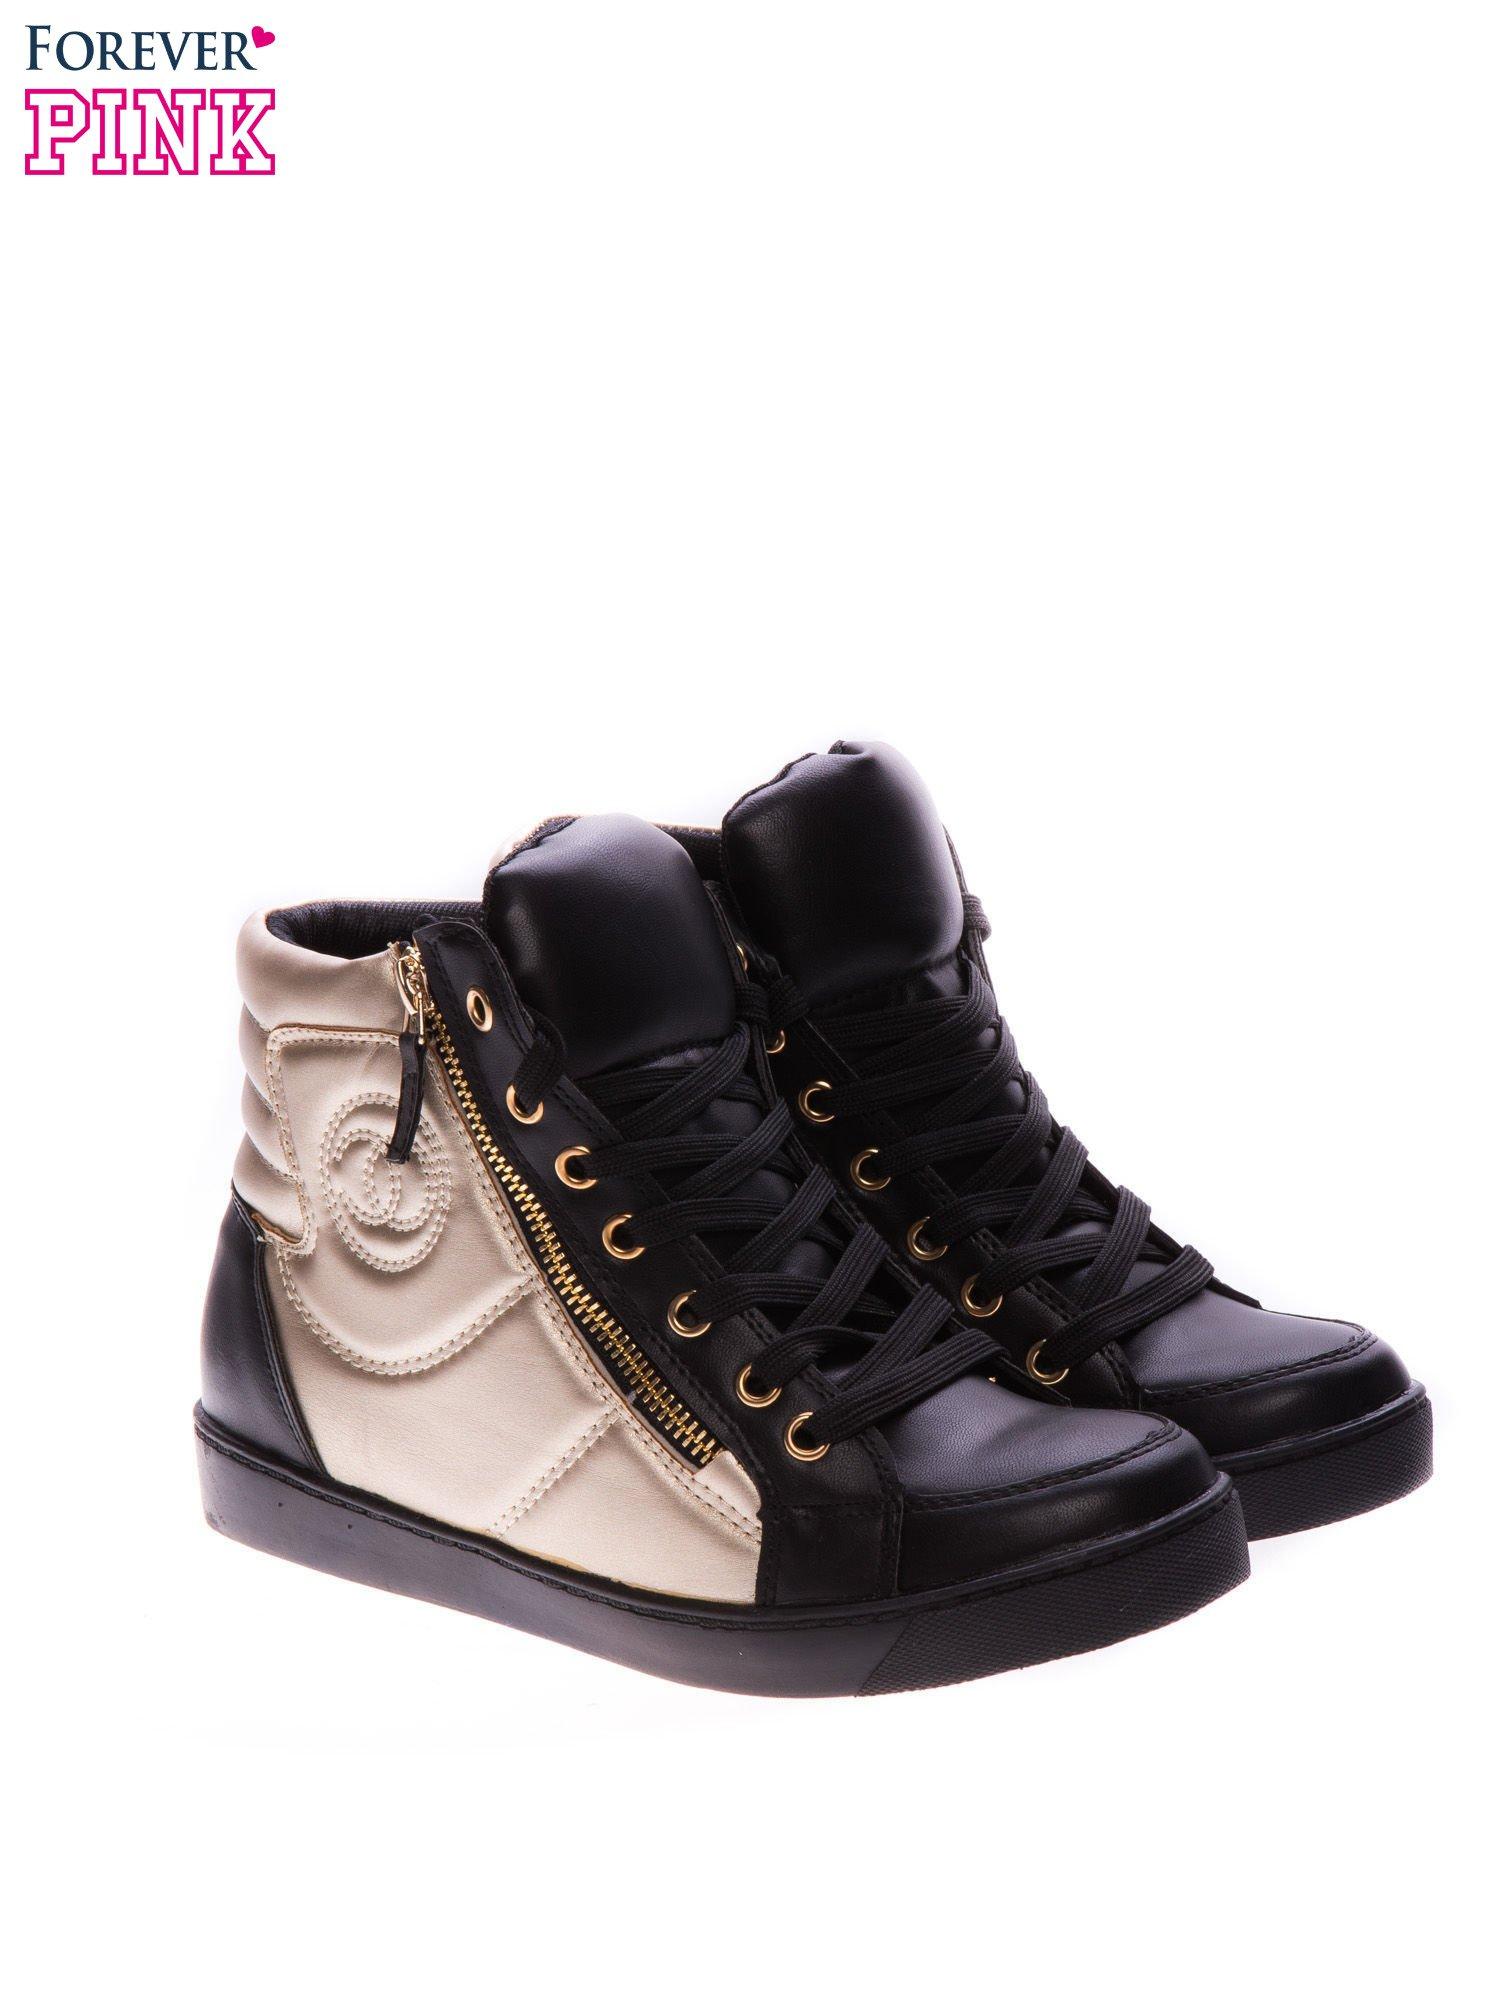 Czarne sneakersy za kostkę ze złotą wstawką i suwakiem                                  zdj.                                  2